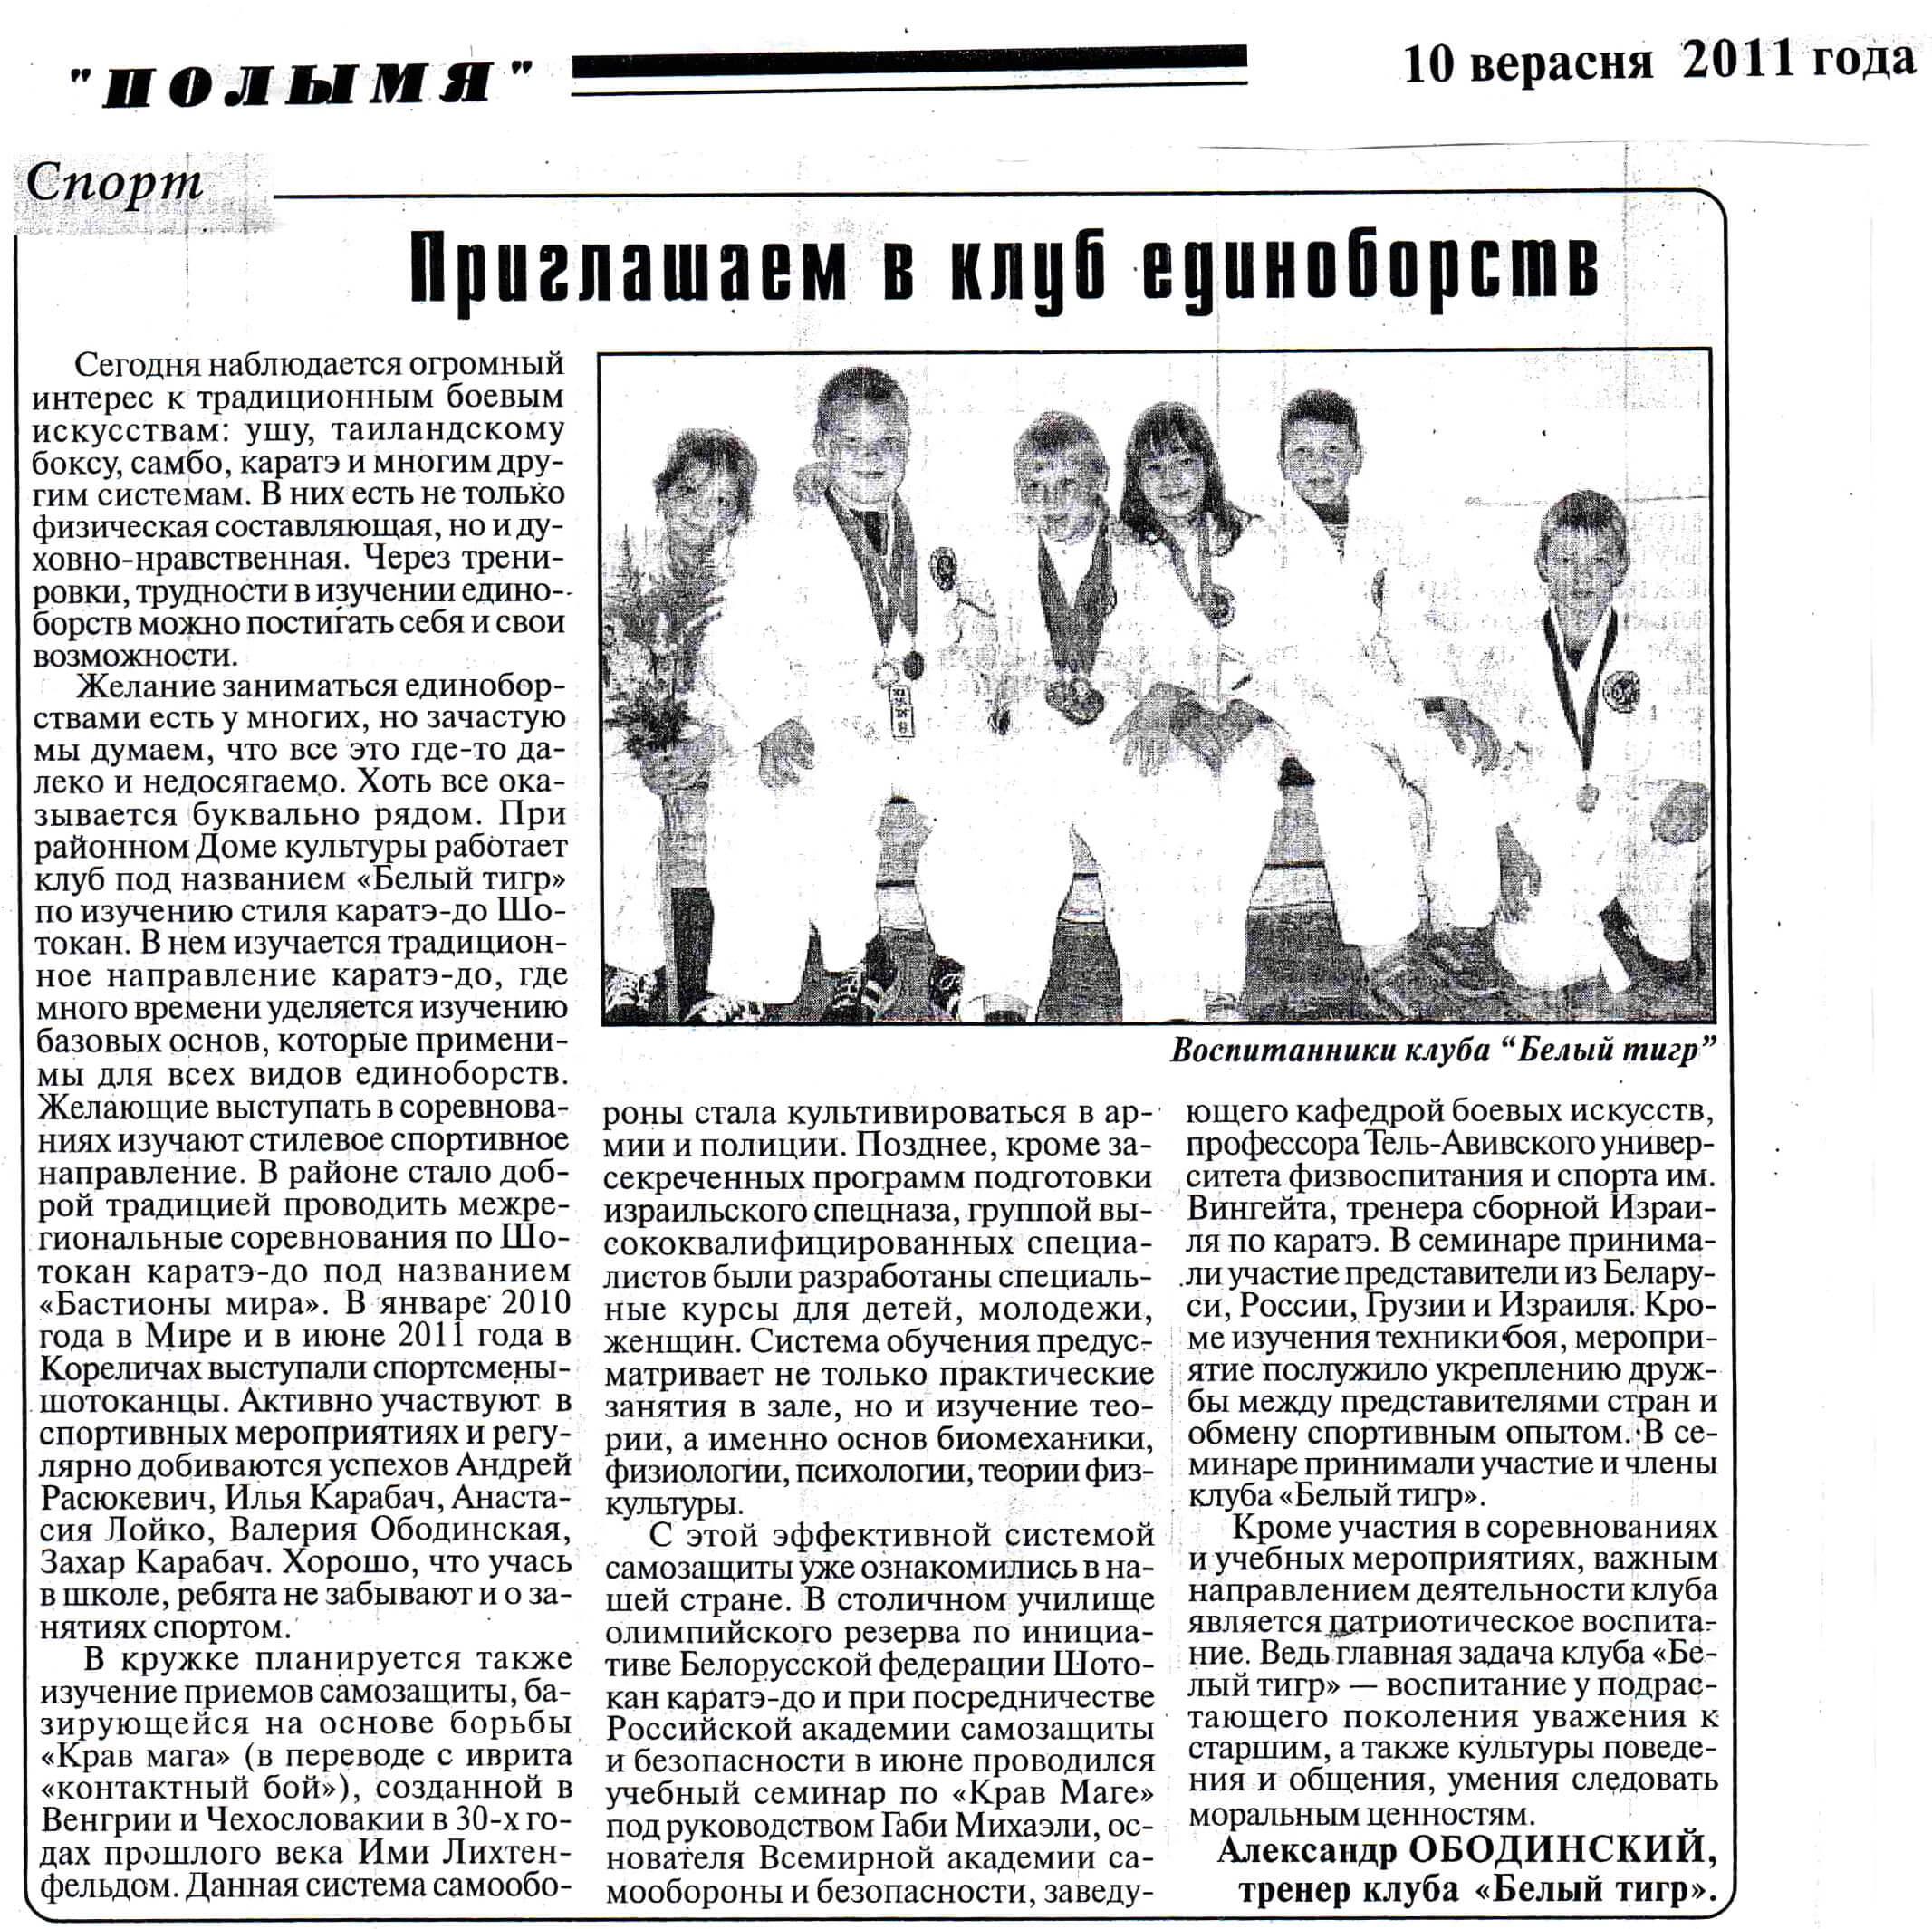 http://karate-academy.by/wp-content/uploads/2011/12/2011-09-%D0%9A%D0%BE%D1%80%D0%B5%D0%BB%D0%B8%D1%87%D0%B8-%D0%BF%D1%80%D0%B8%D0%B3%D0%BB%D0%B0%D1%88%D0%B0%D0%B5%D0%BC.jpg